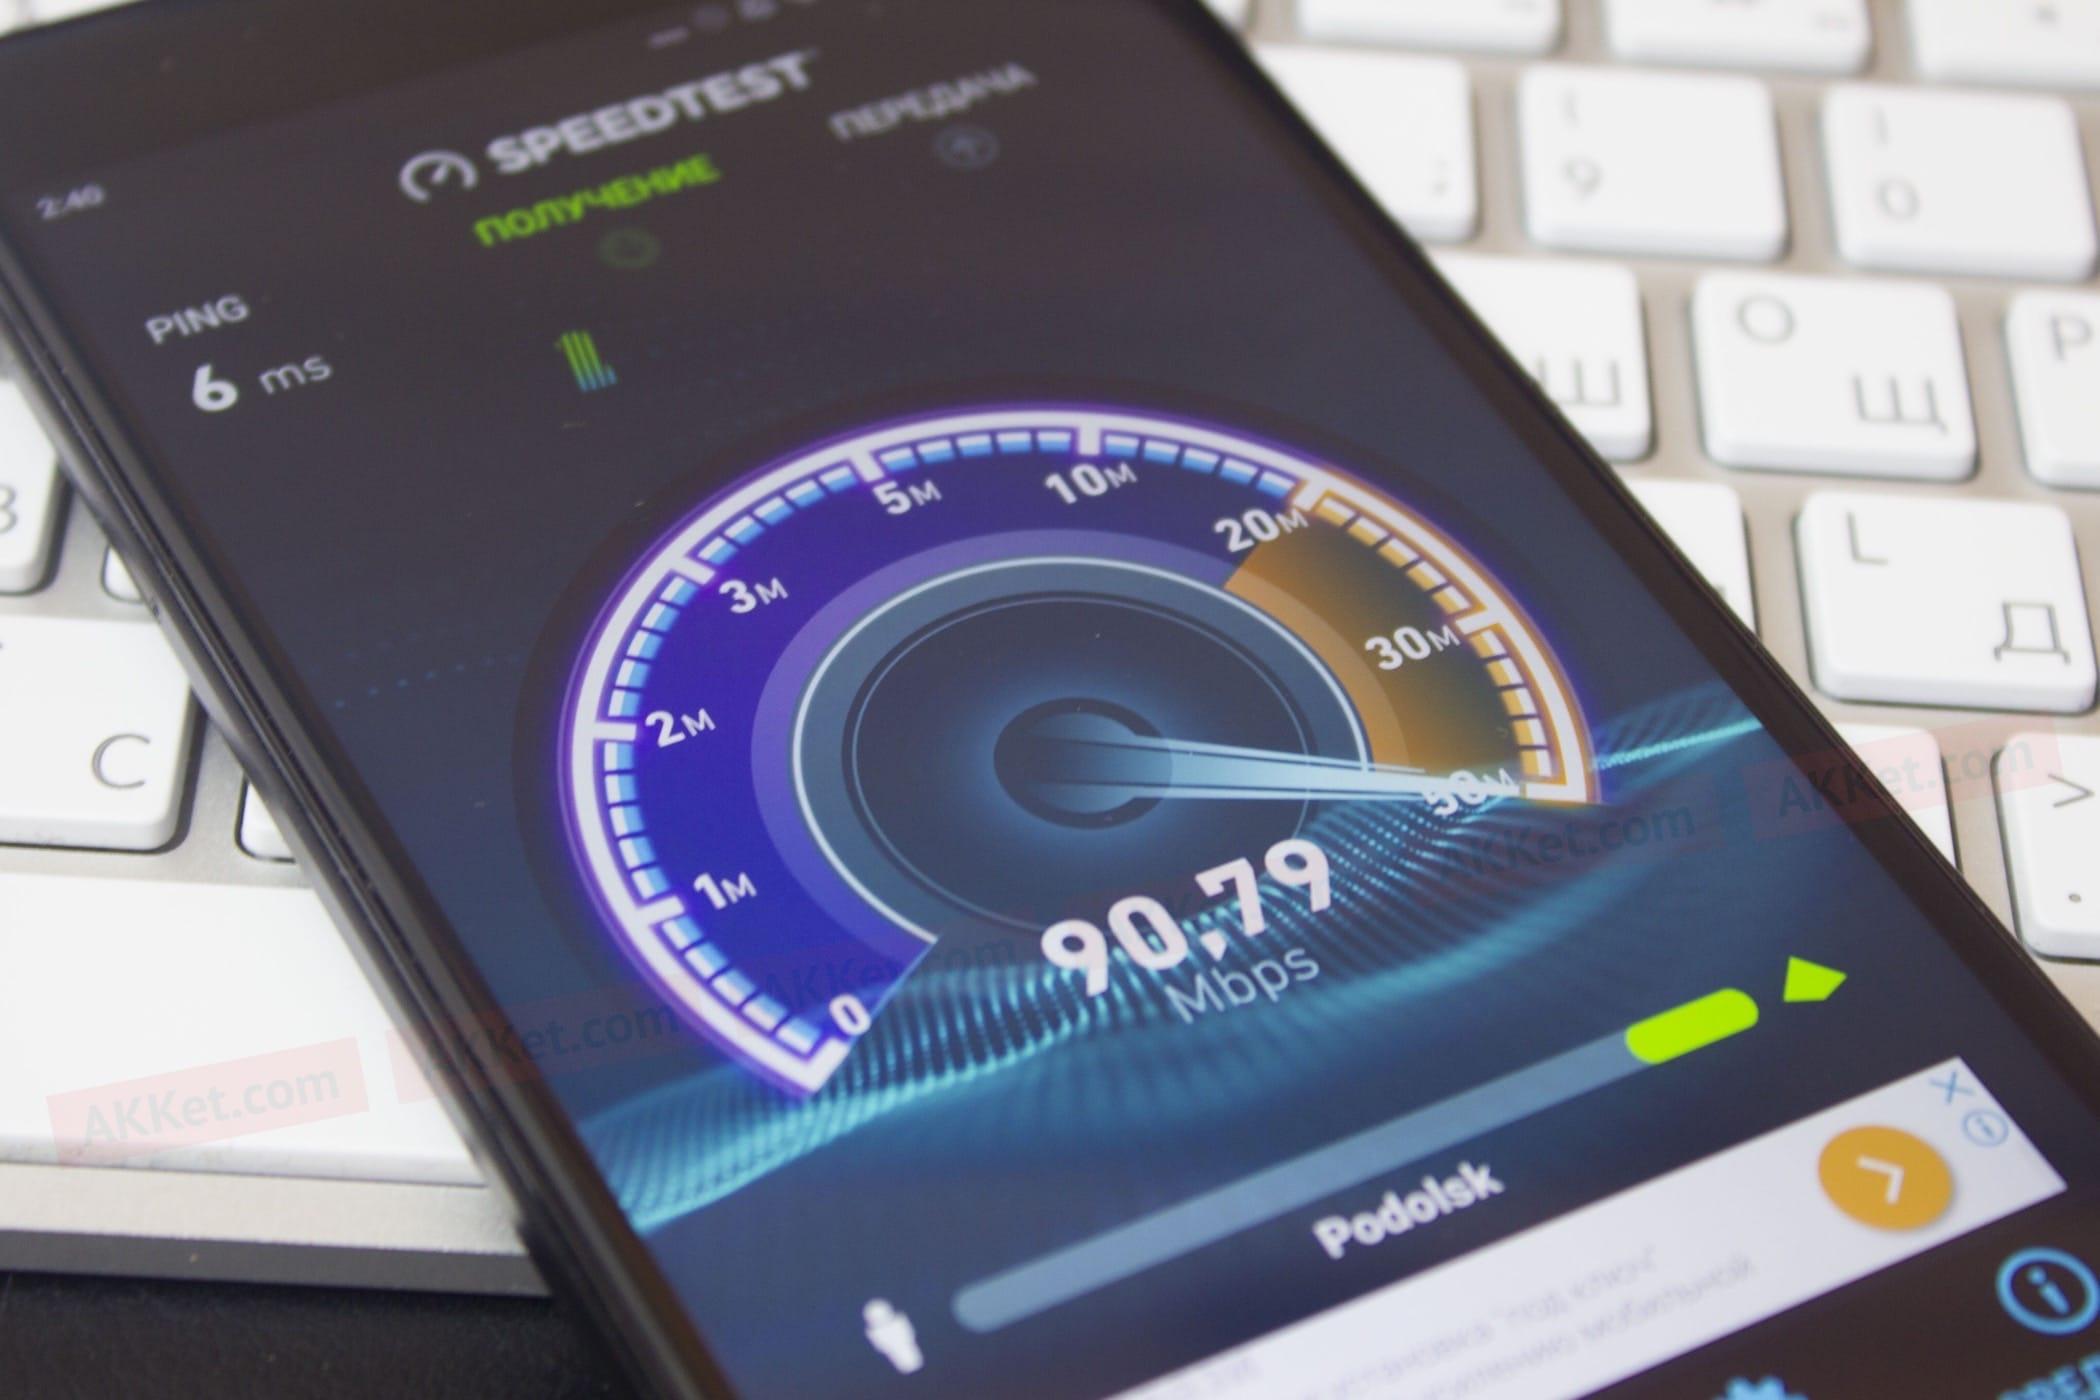 почему в телефоне плохое соединение с интернетом